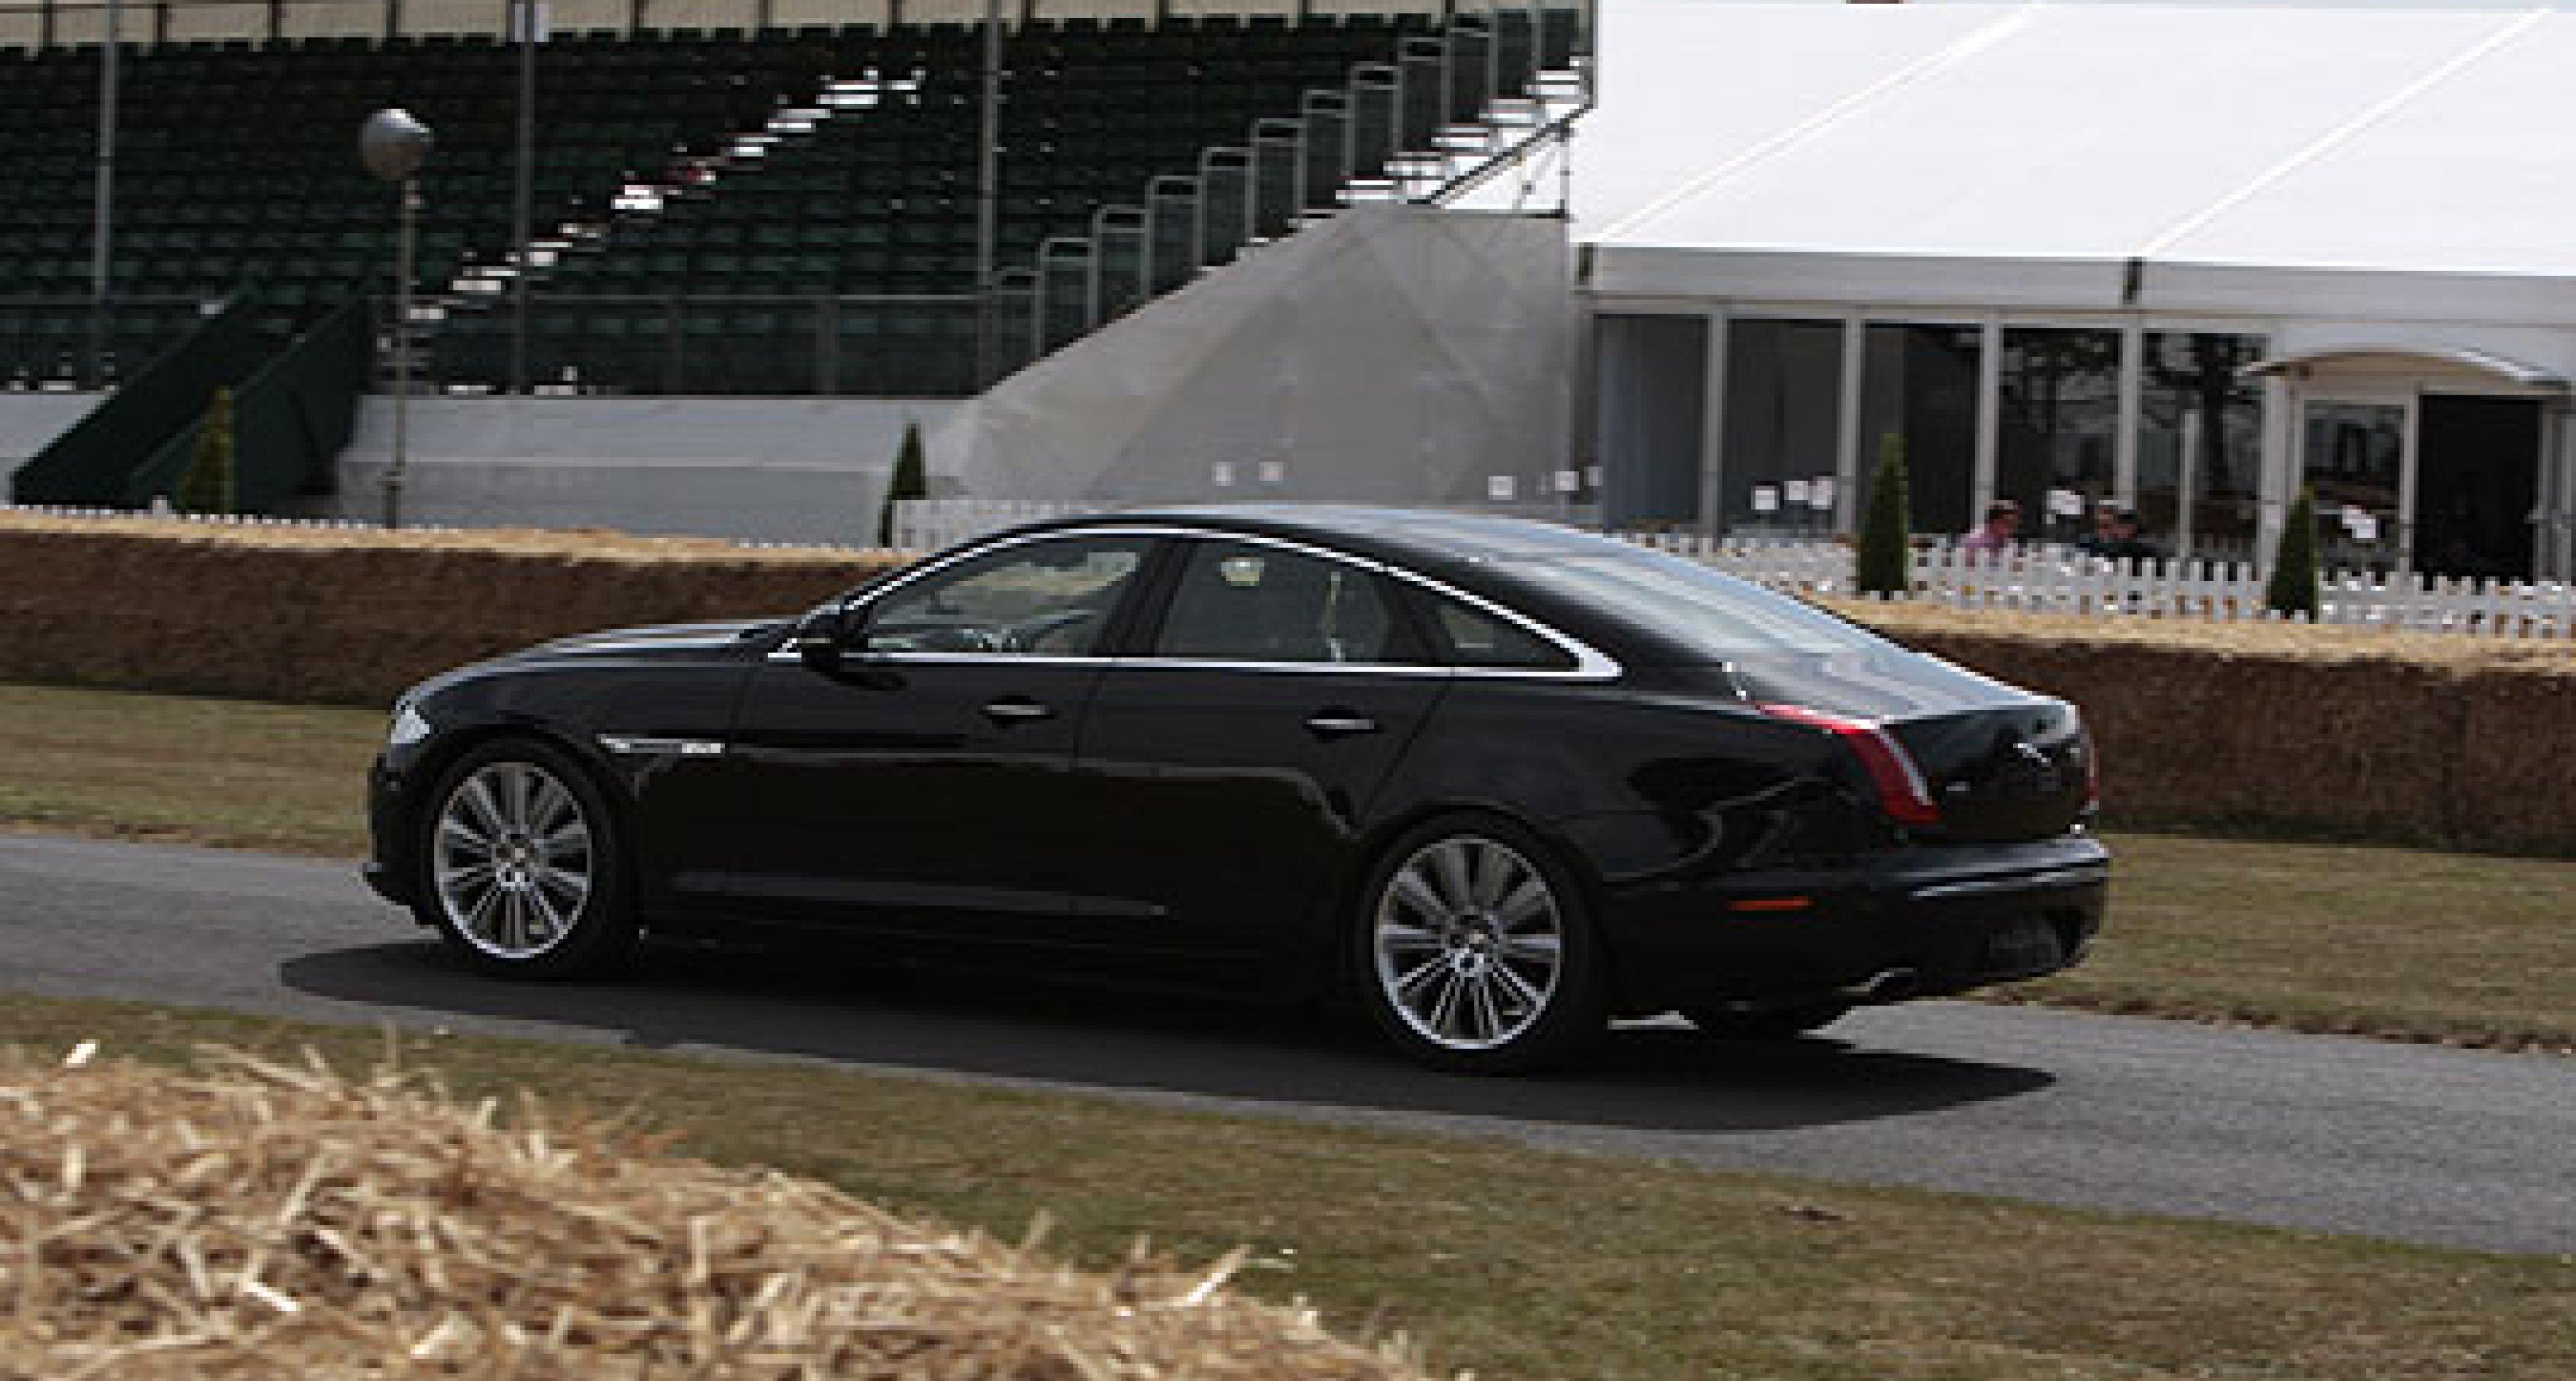 Jaguar XJ at Goodwood Moving Motor Show 2010